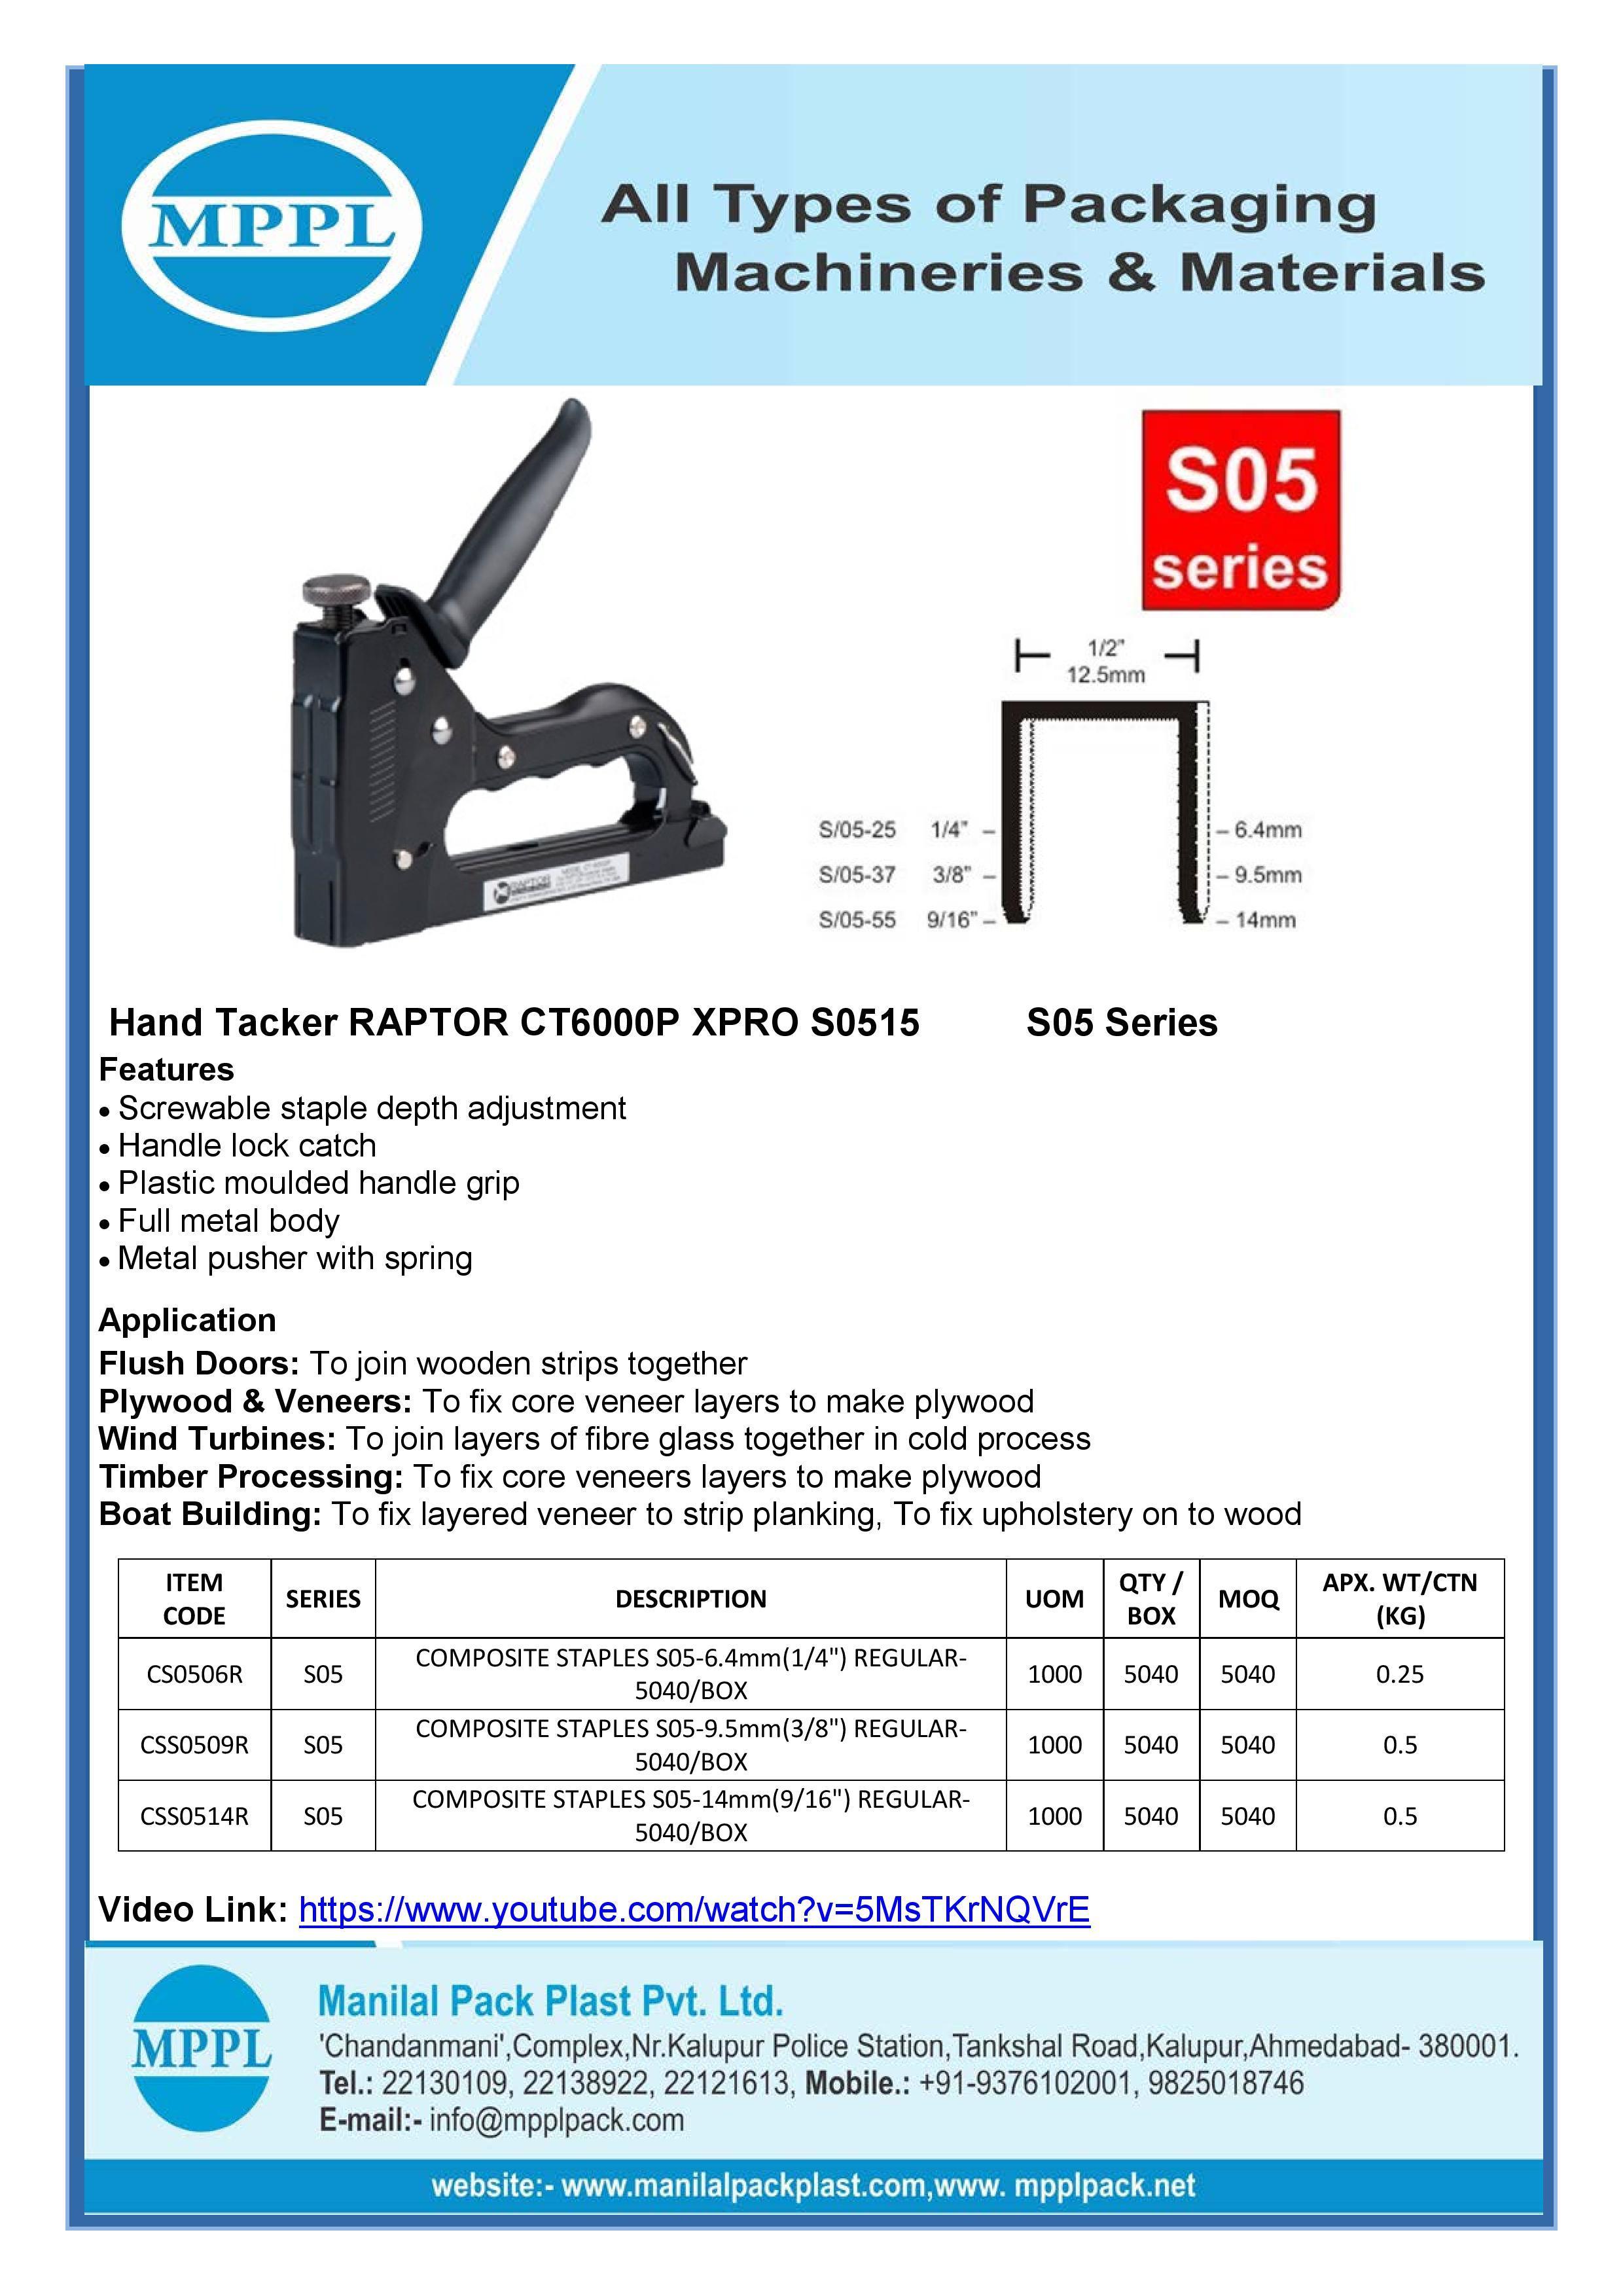 Hand Tacker RAPTOR CT6000P XPRO-HTS0515